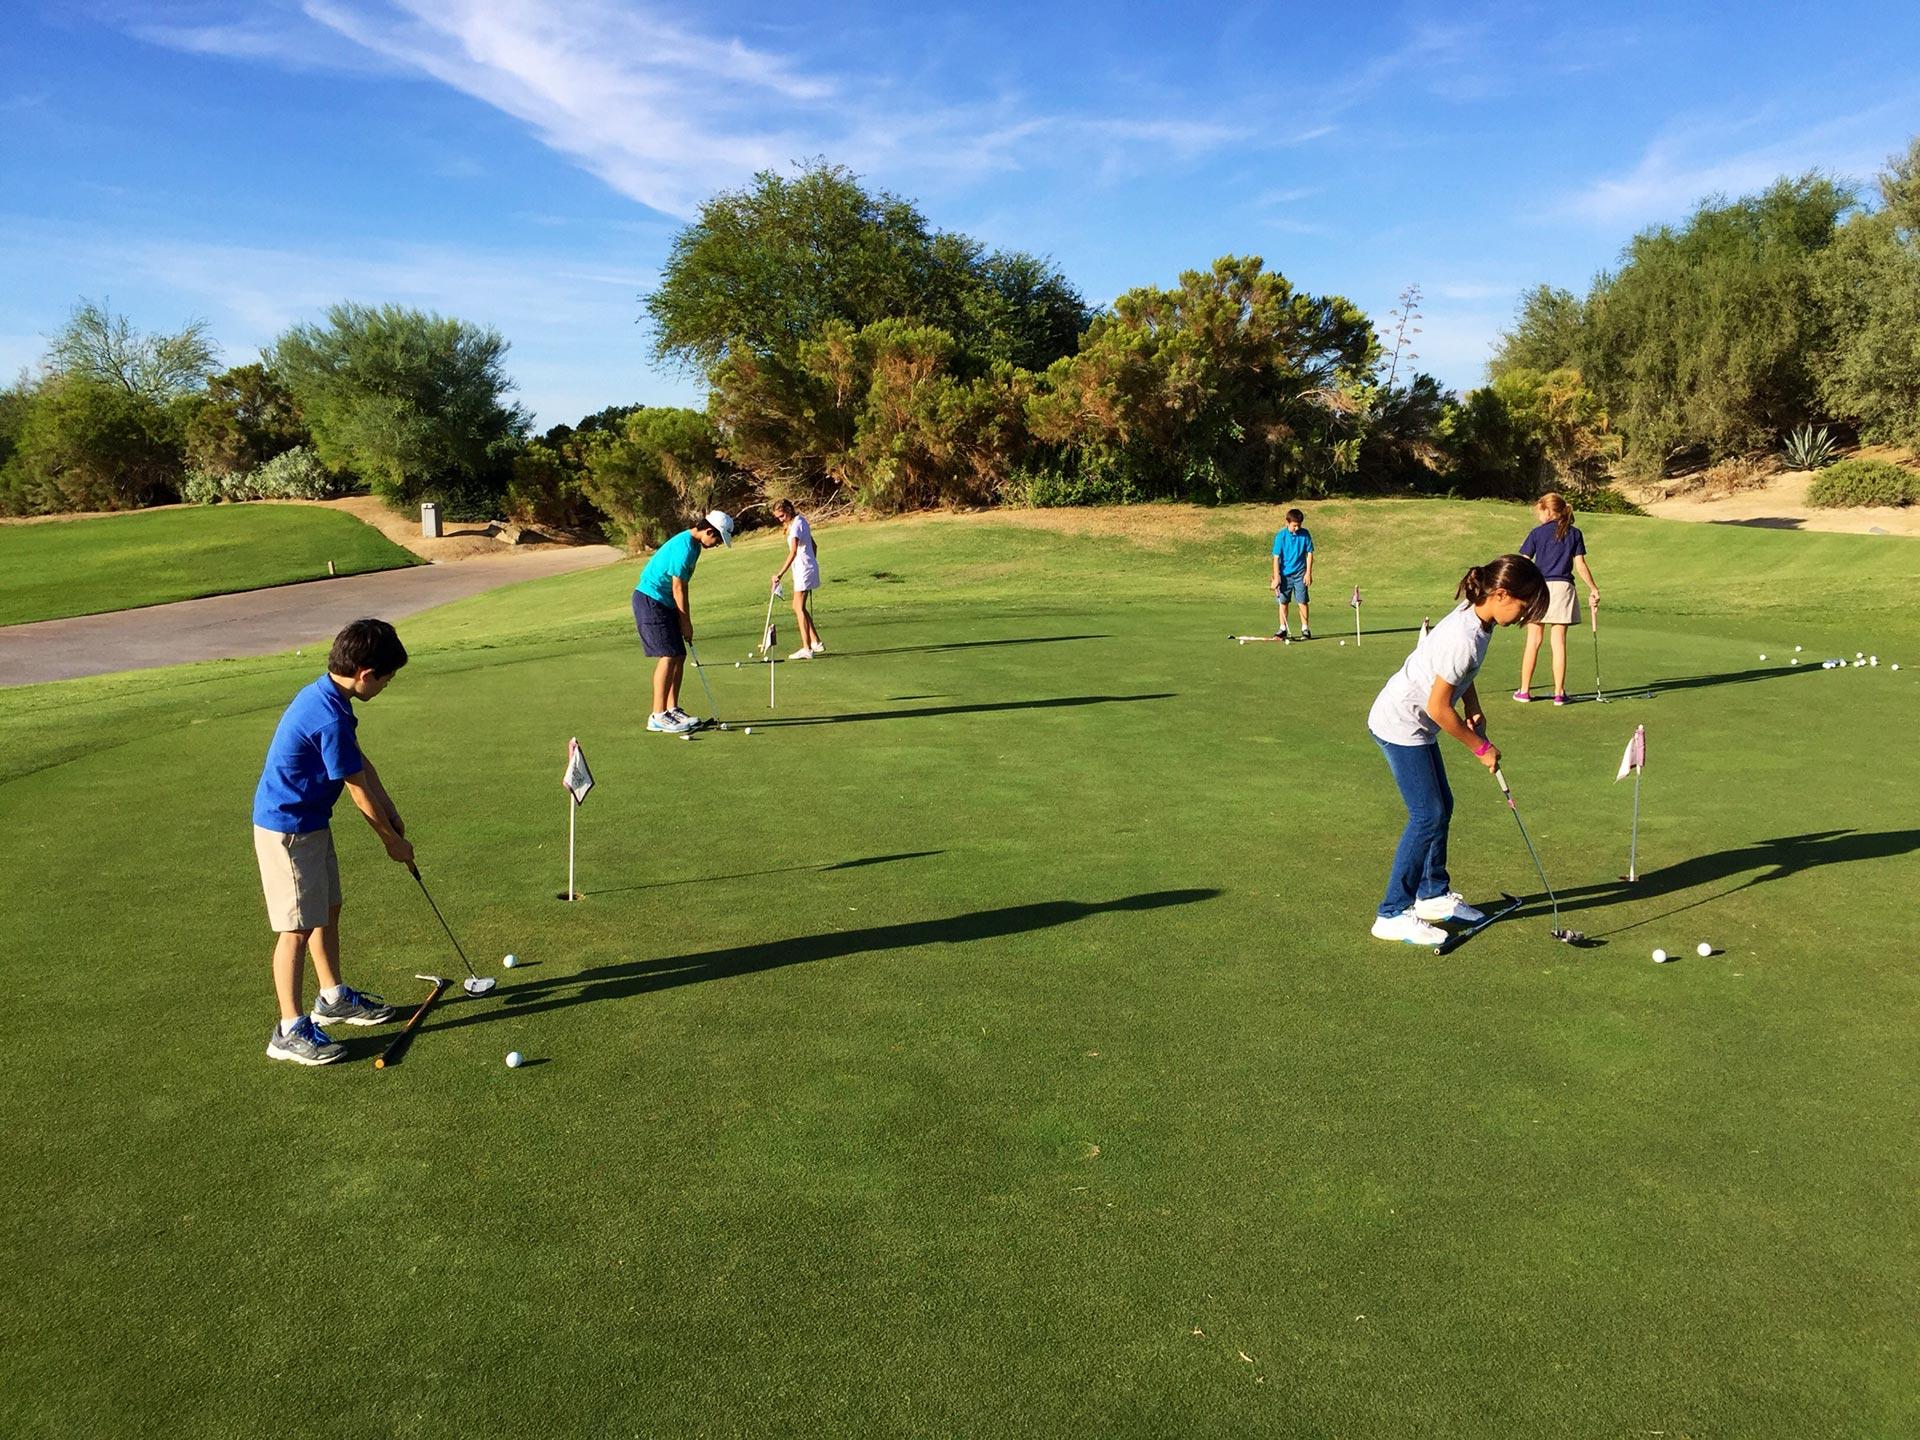 Schoolklassen op bezoek bij Golfpark Exloo